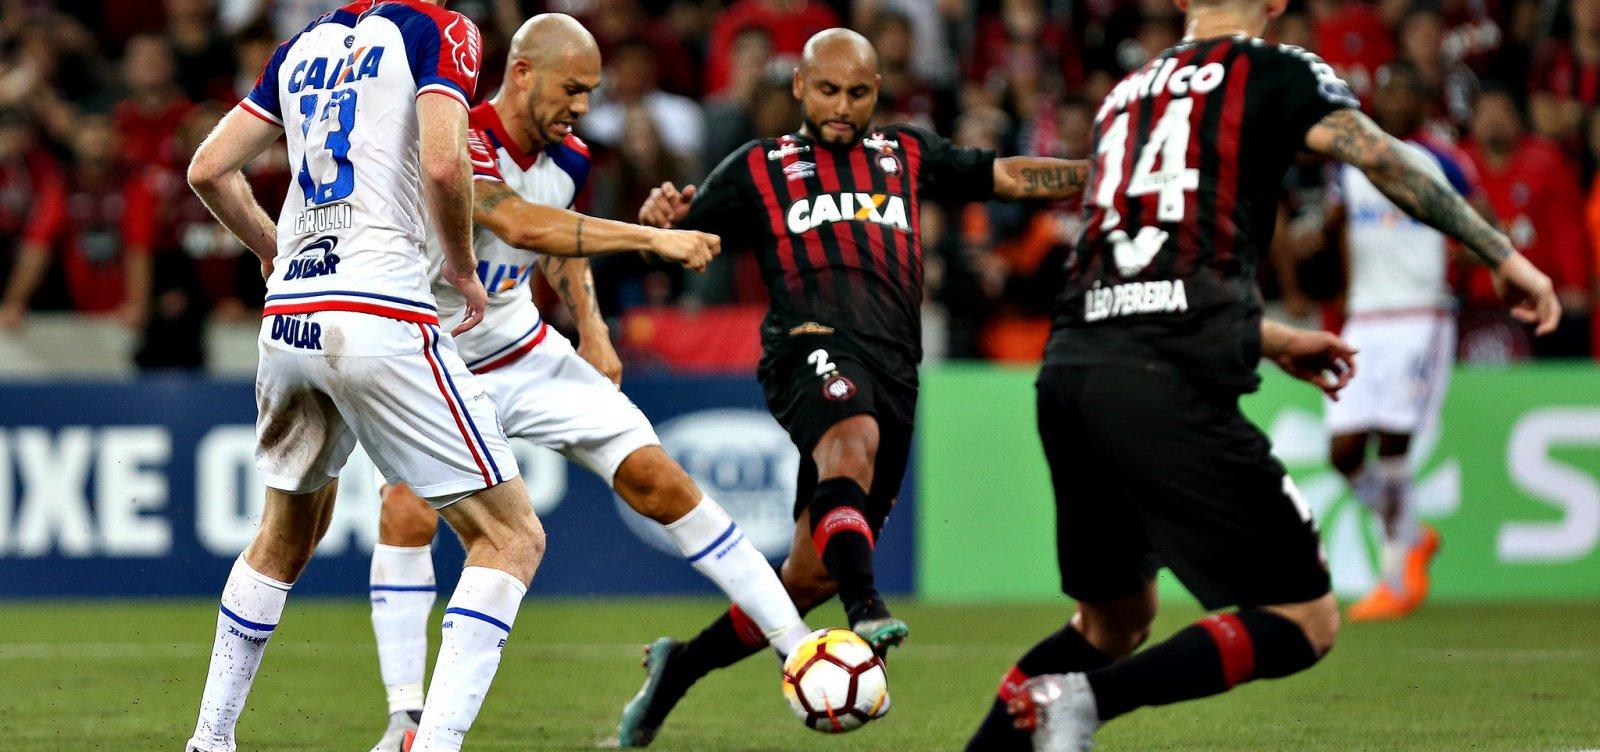 Bahia vence o Atlético-PR, mas perde nos pênaltis e sai da Sul-Americana